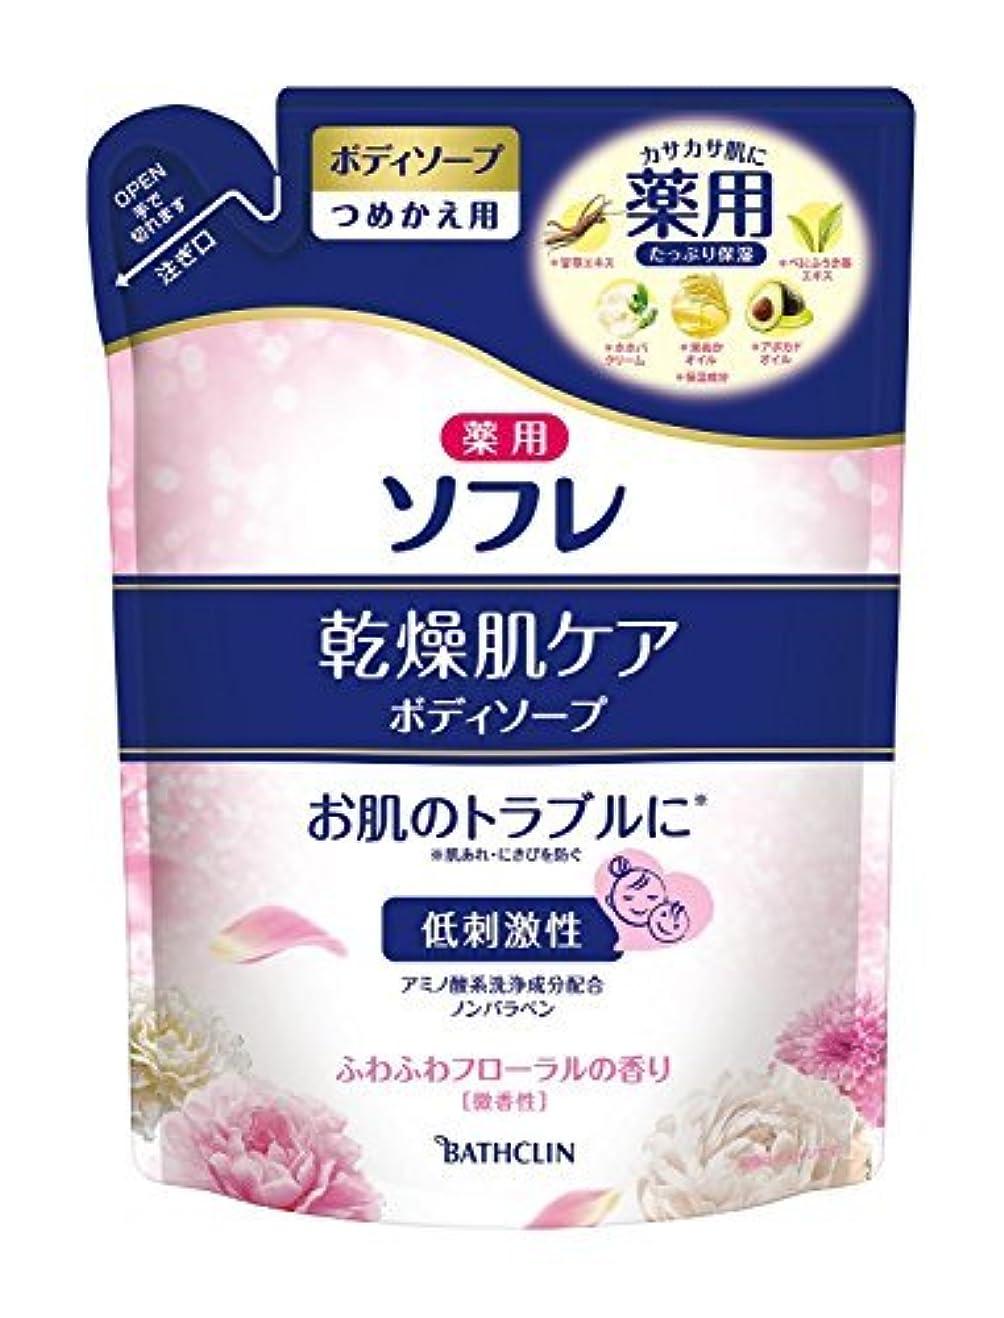 サラダ反論者既に薬用ソフレ 乾燥肌ケアボディ詰替 × 12個セット